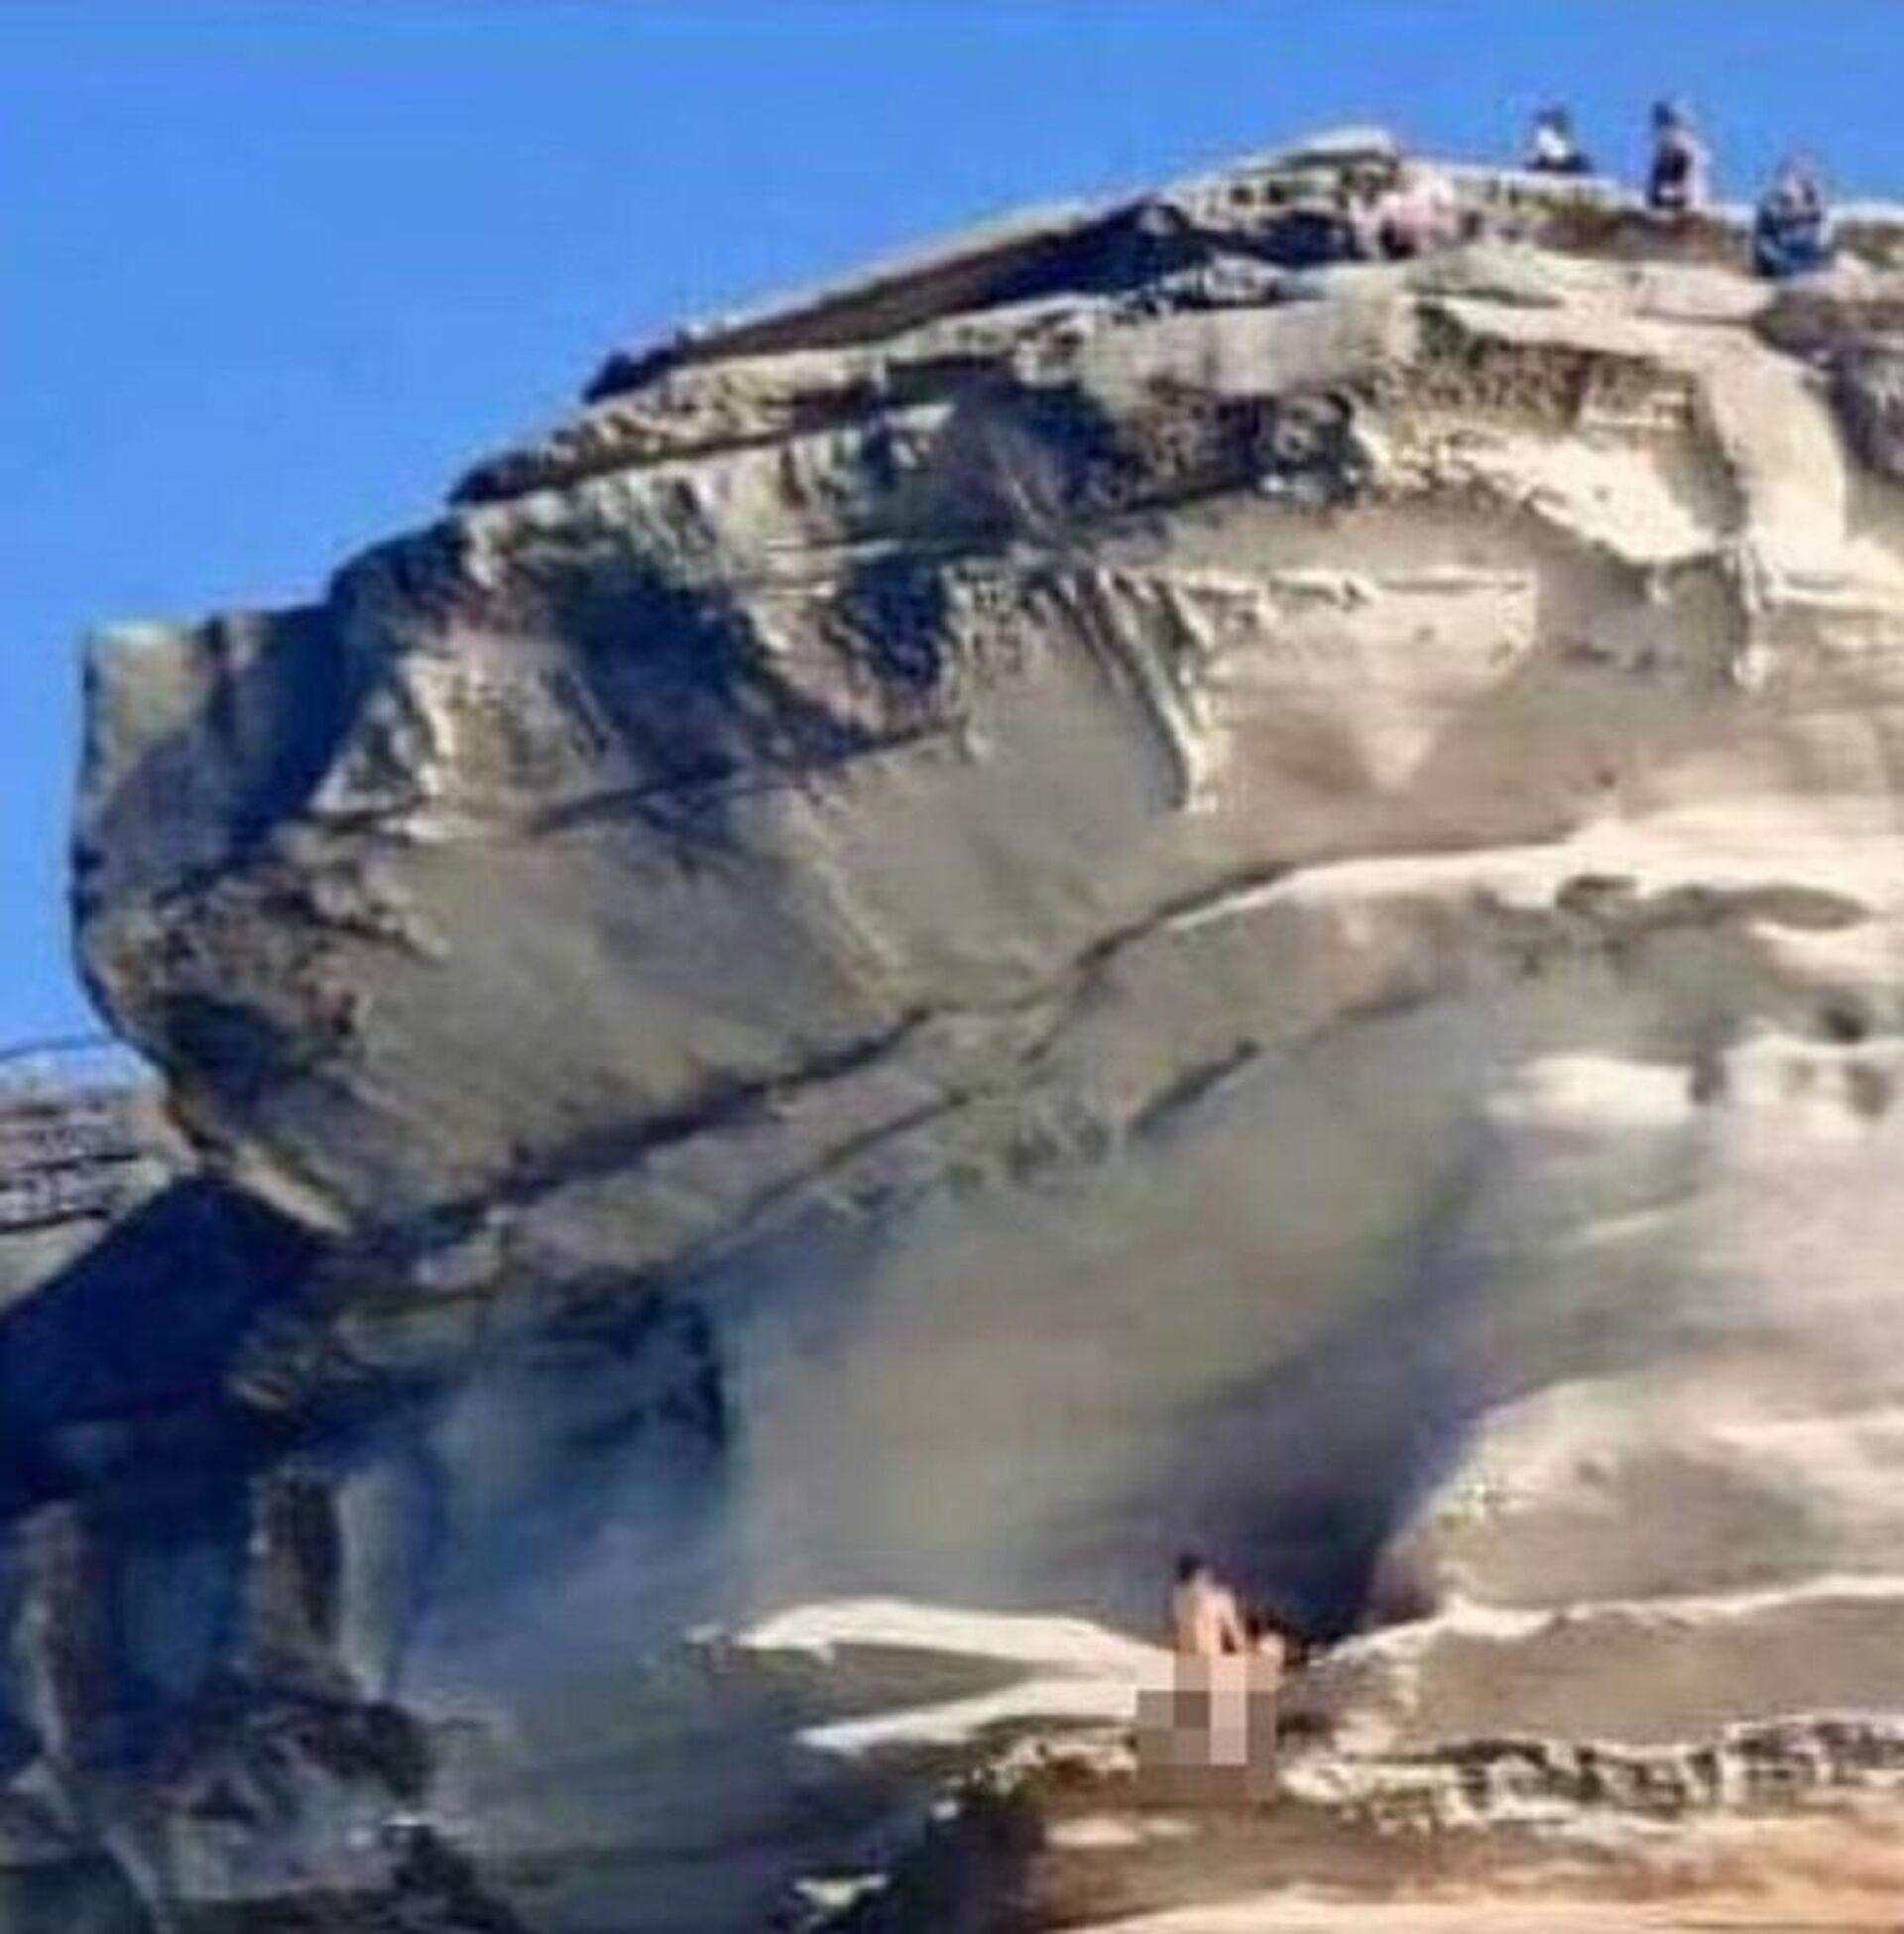 Έκαναν σεξ στα βράχια παραλίας στο Σίδνεϊ  - Sputnik Ελλάδα, 1920, 08.09.2021